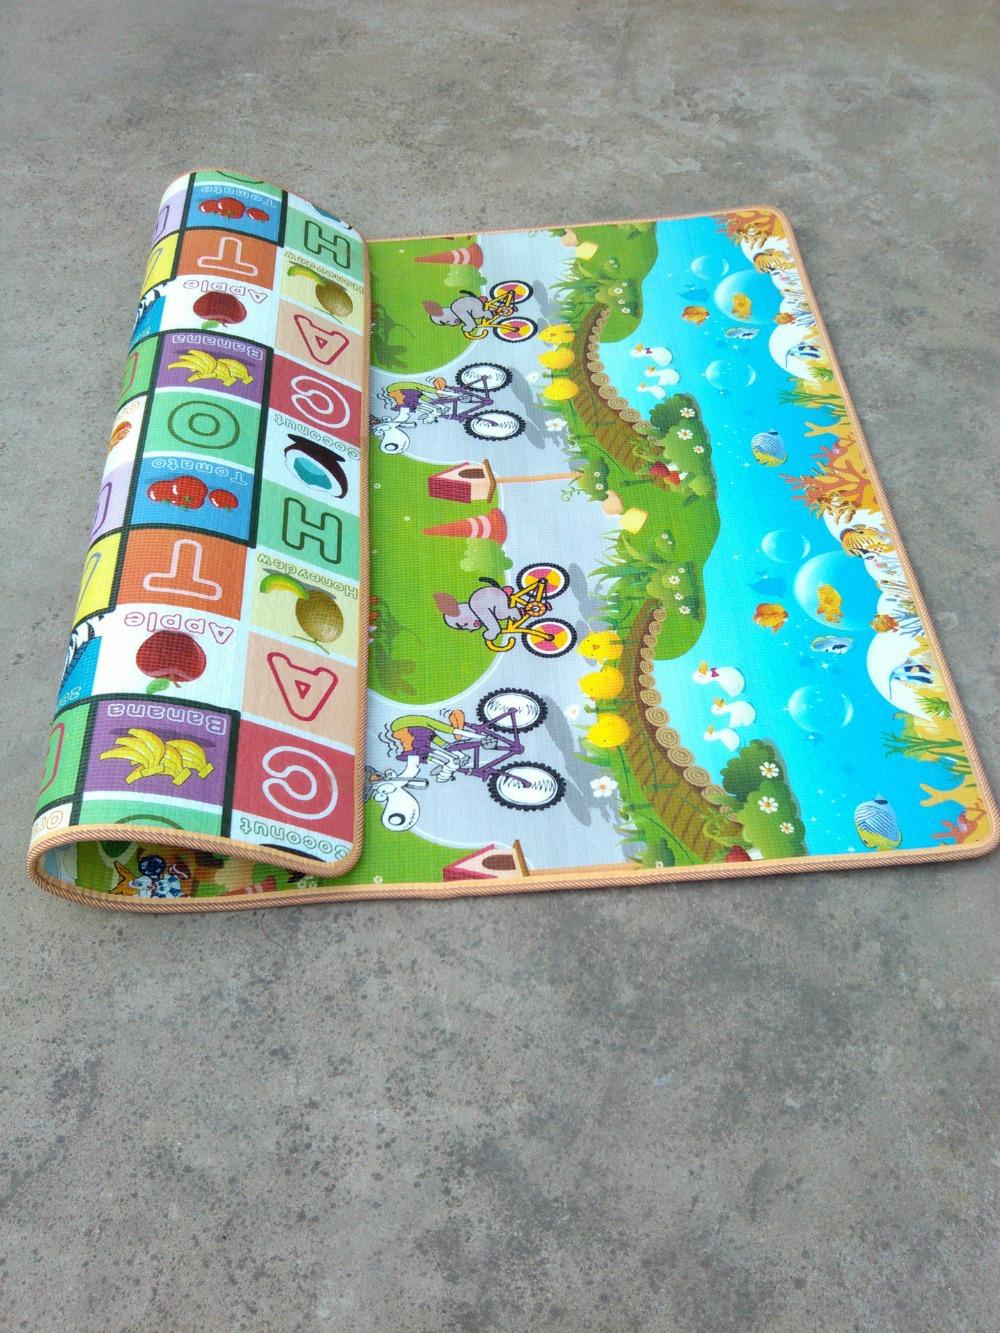 Acquista allingrosso Online tappeti puzzle per bambini da ...